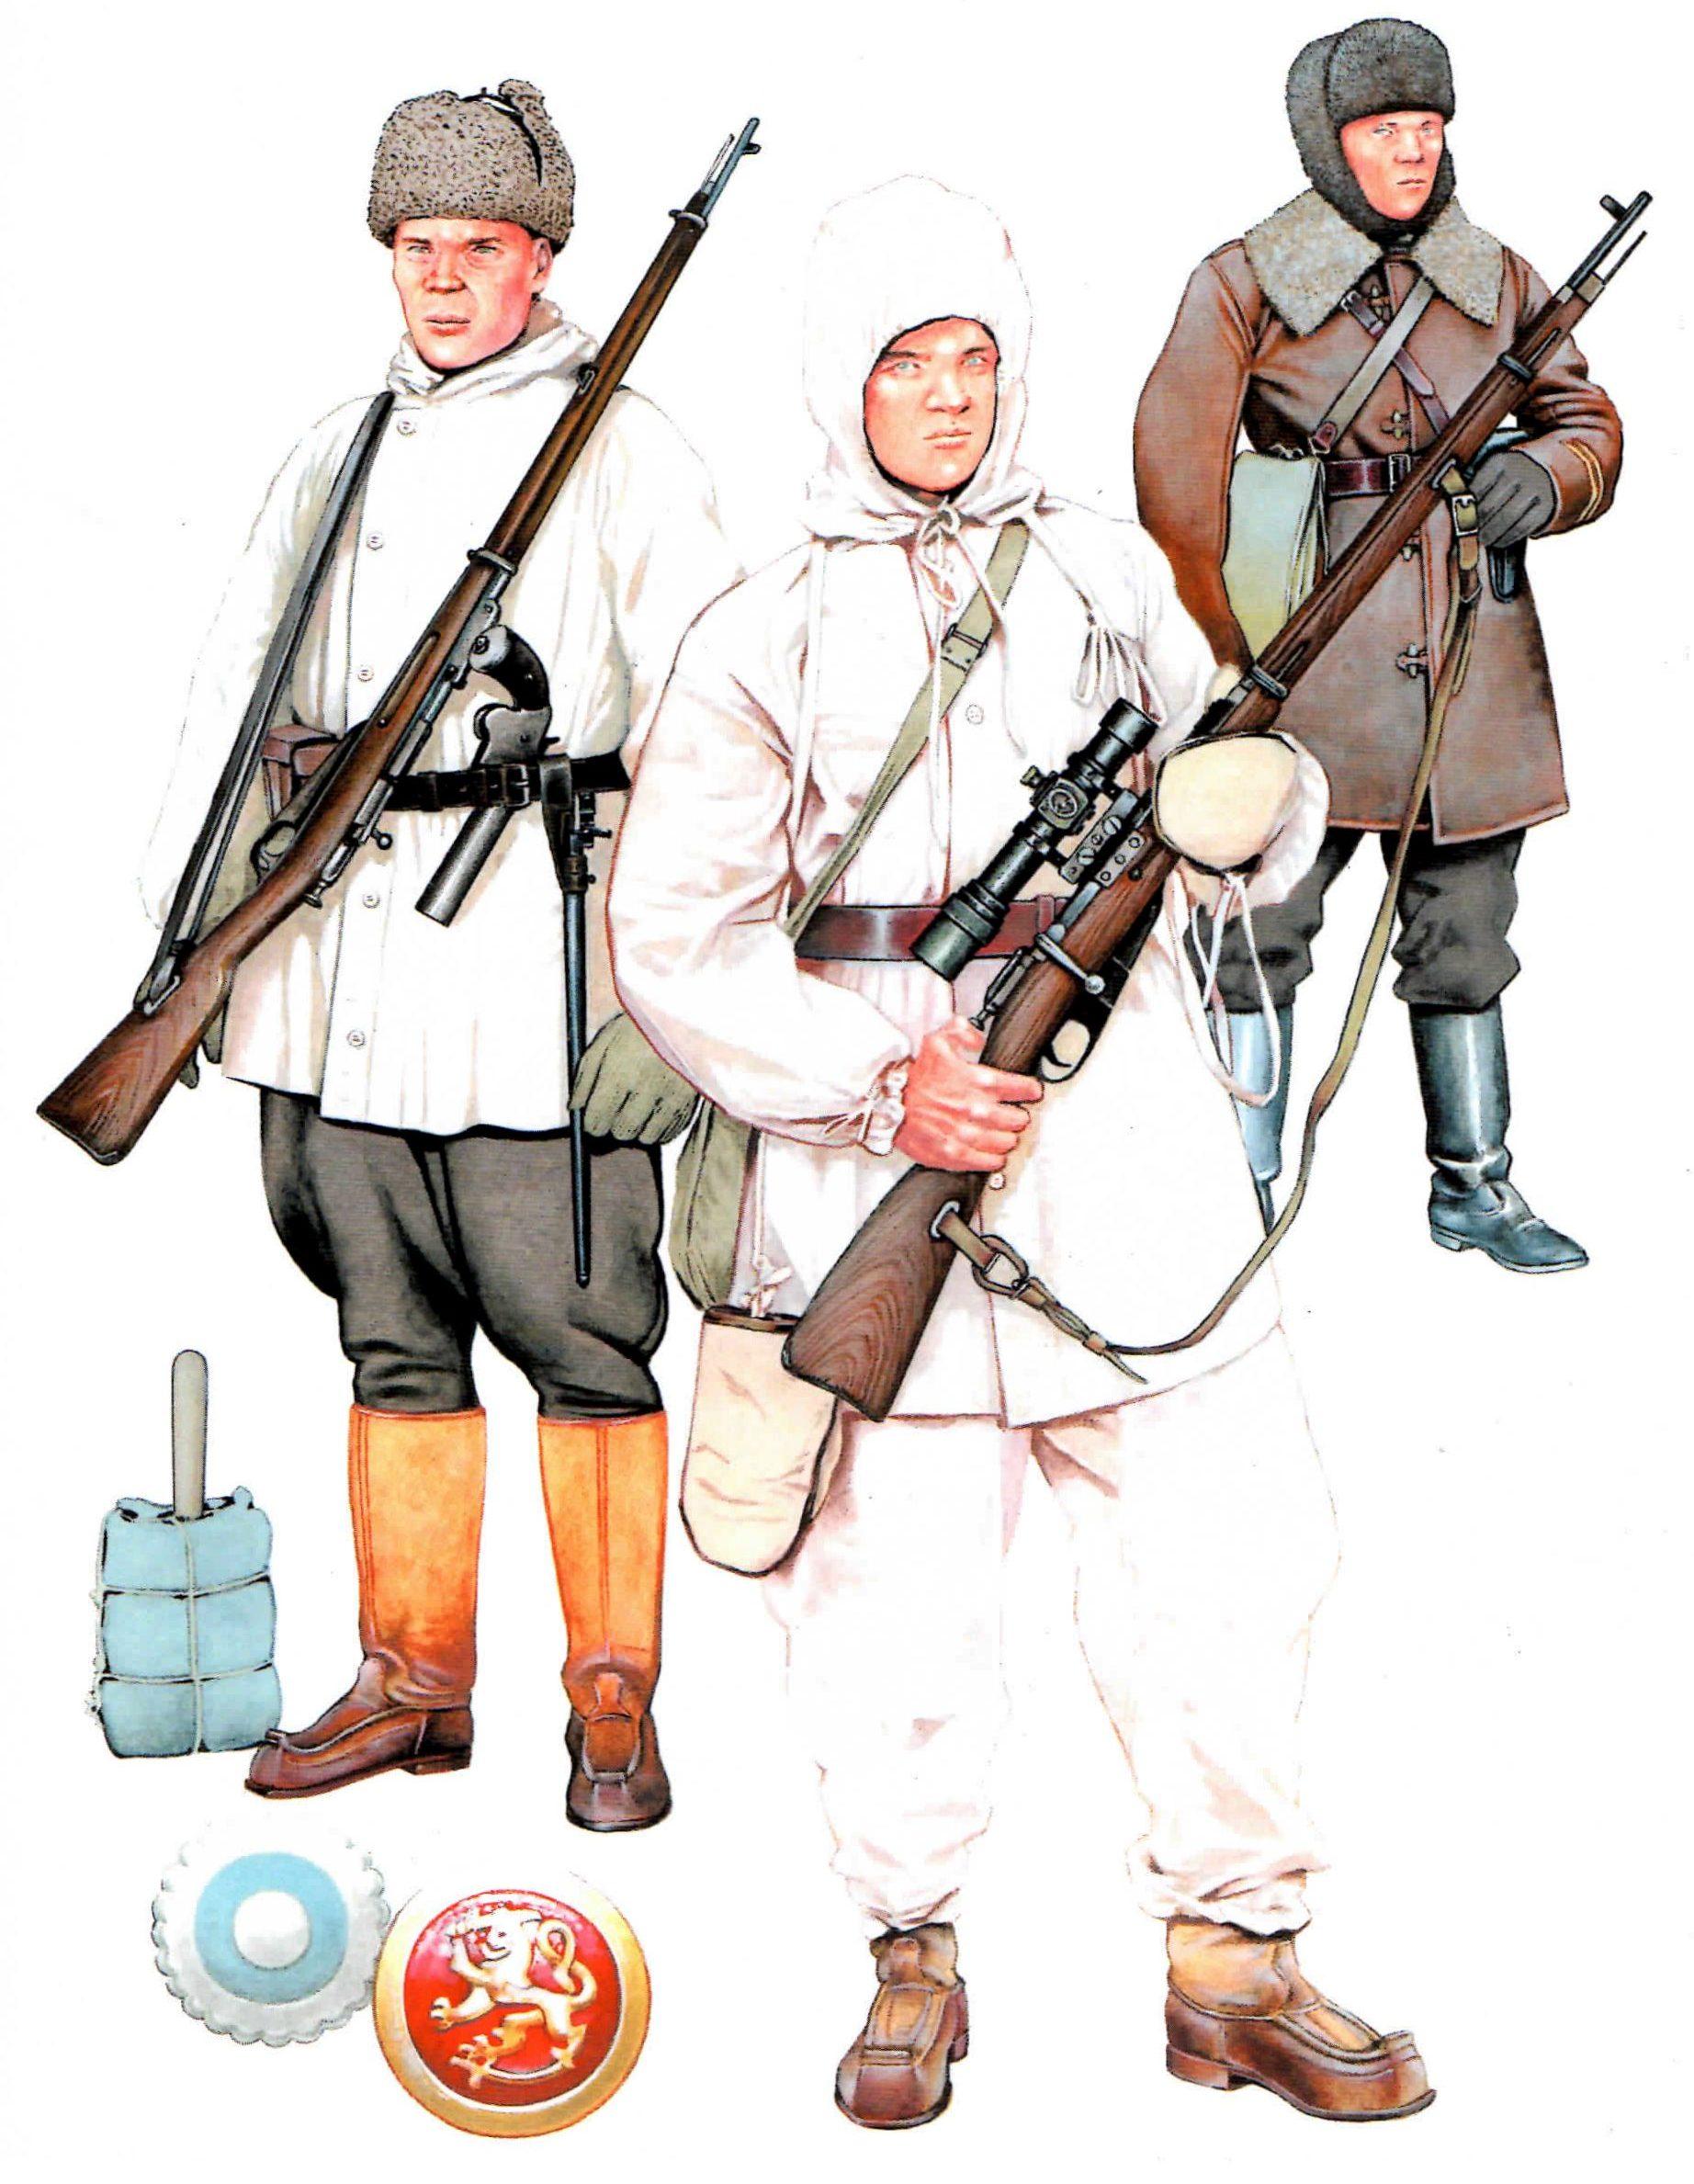 Ciordia Juan Carlos. Финская снайперская группа.